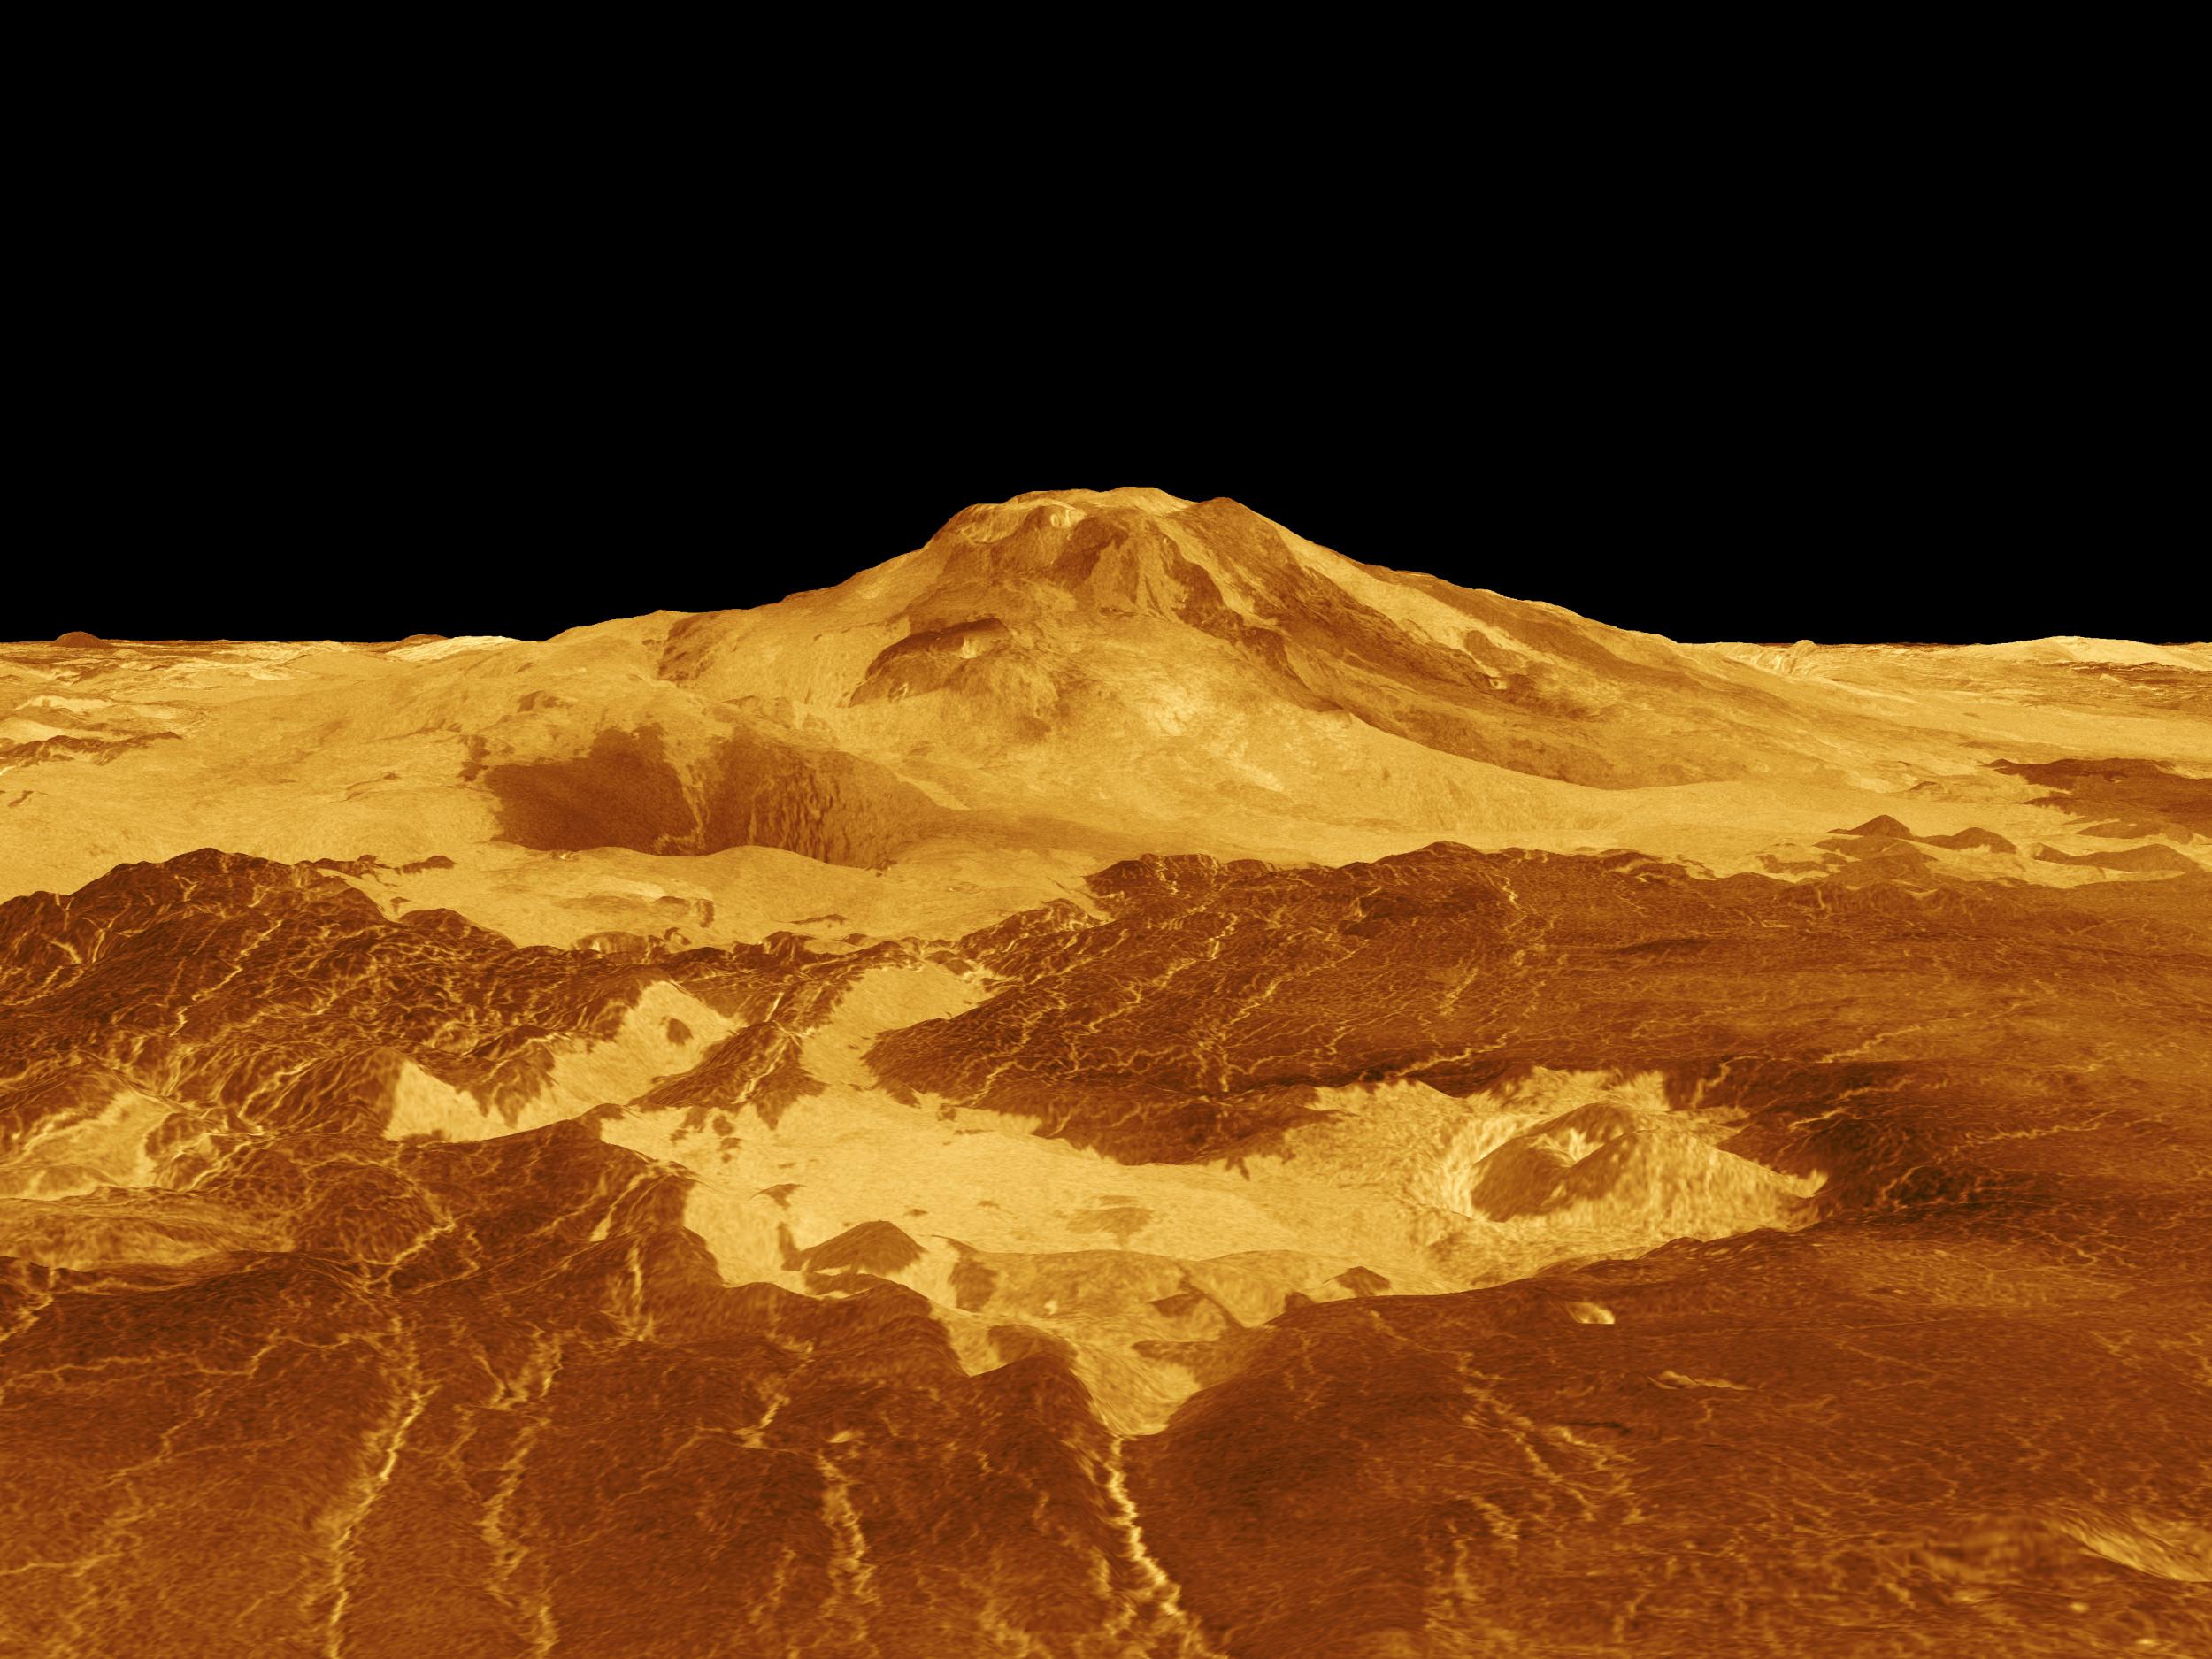 البراكين على كوكب الزهرة ما تزال نشطة - كوكب الزهرة ما يزال نشطًا جيولوجيًا - أحد البراكين النشطة اليوم على سطح كوكب الزّهرة